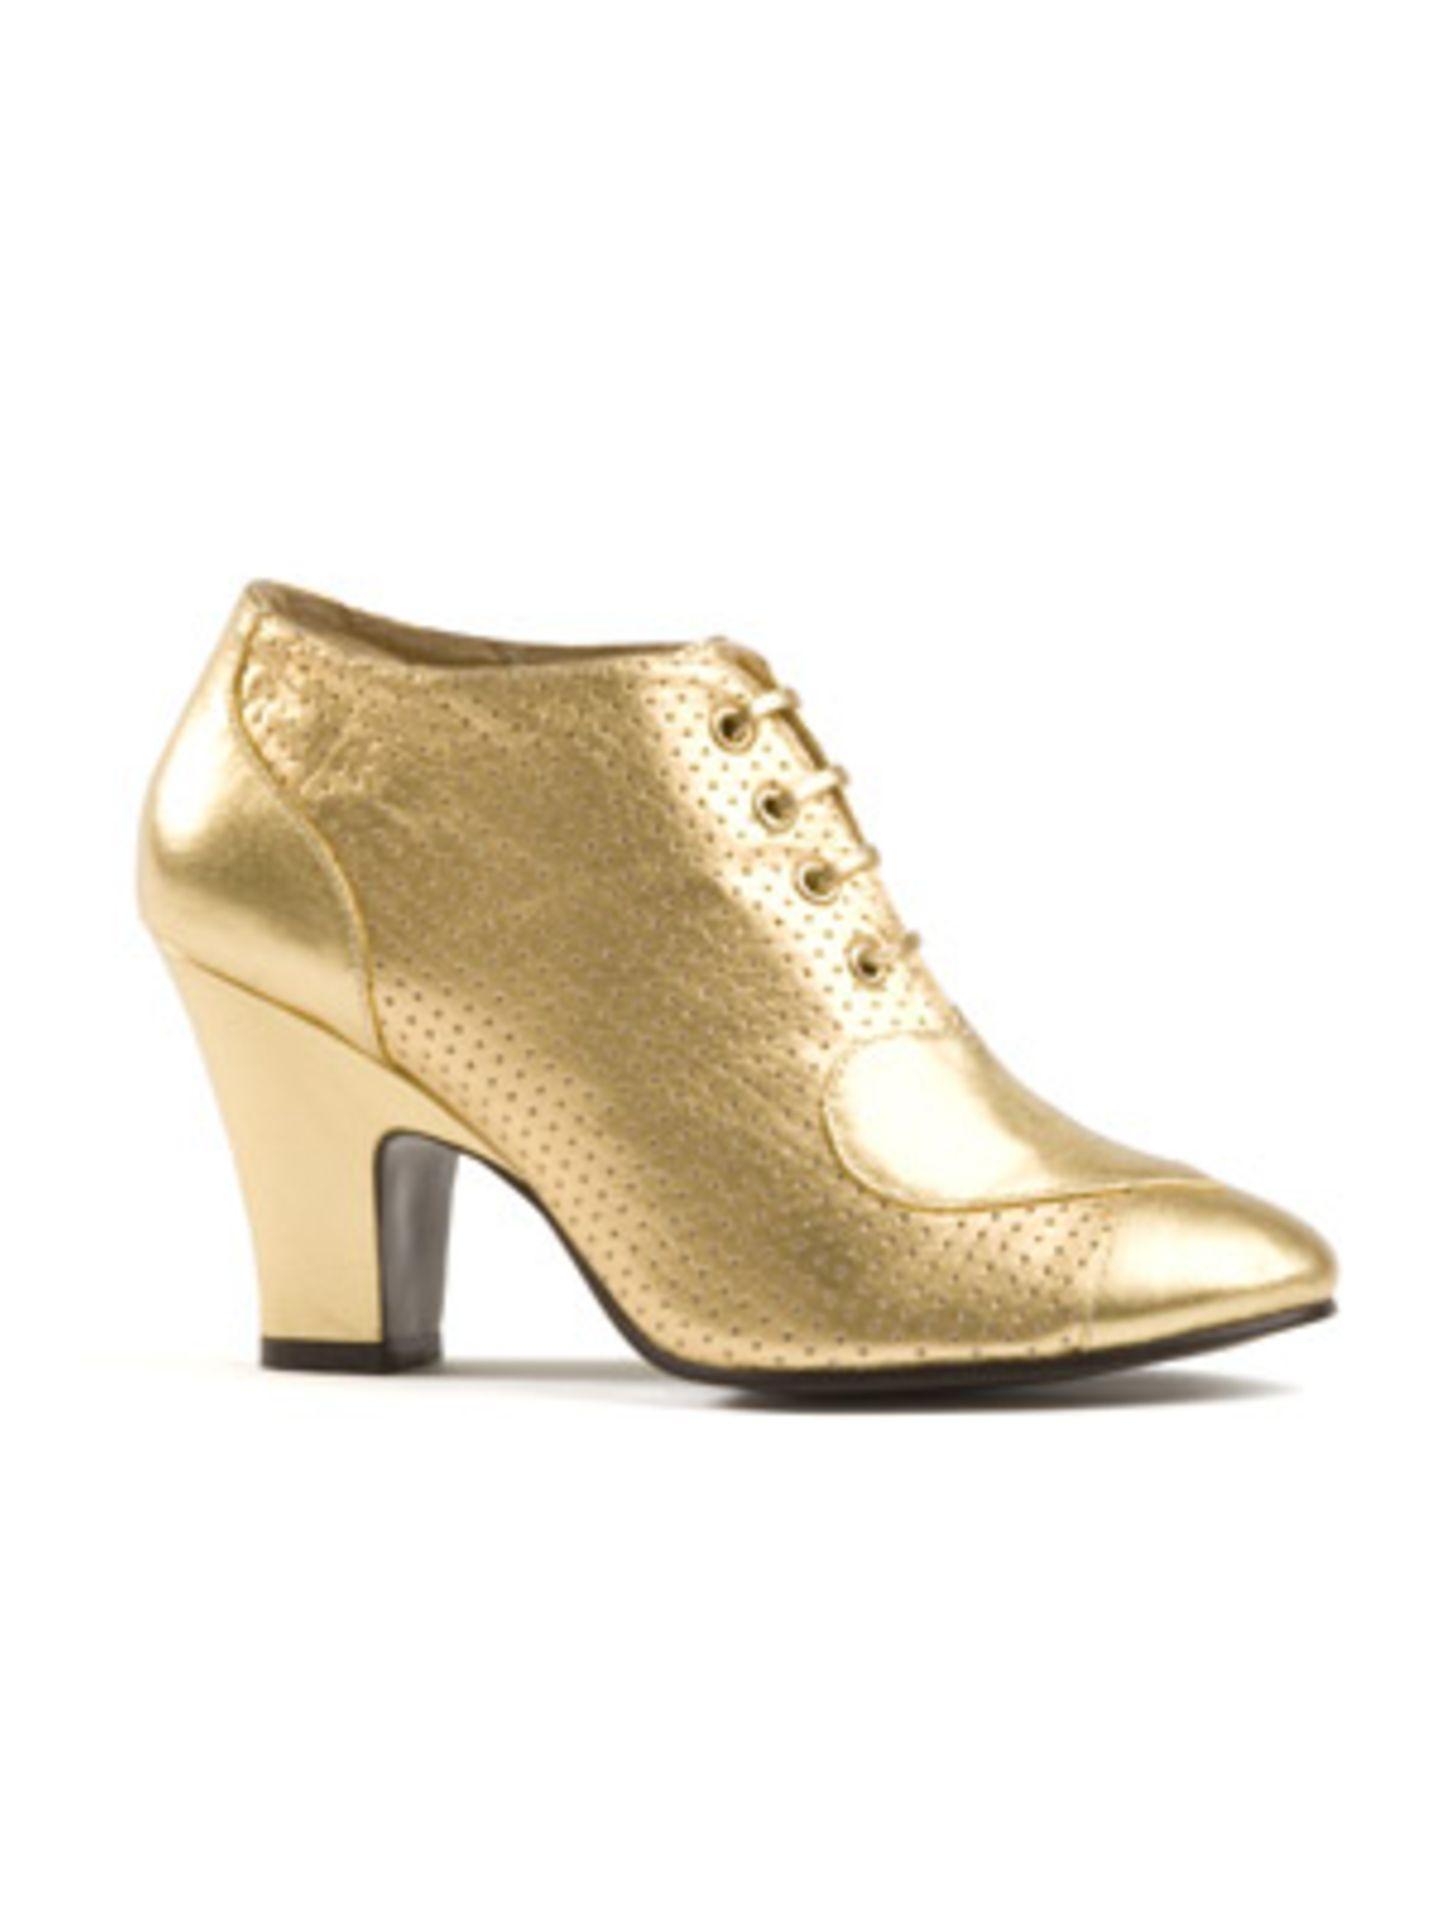 Für glänzende Tanzparaden: goldene Ankleboots von Lise Lindvig, um 120 Euro.